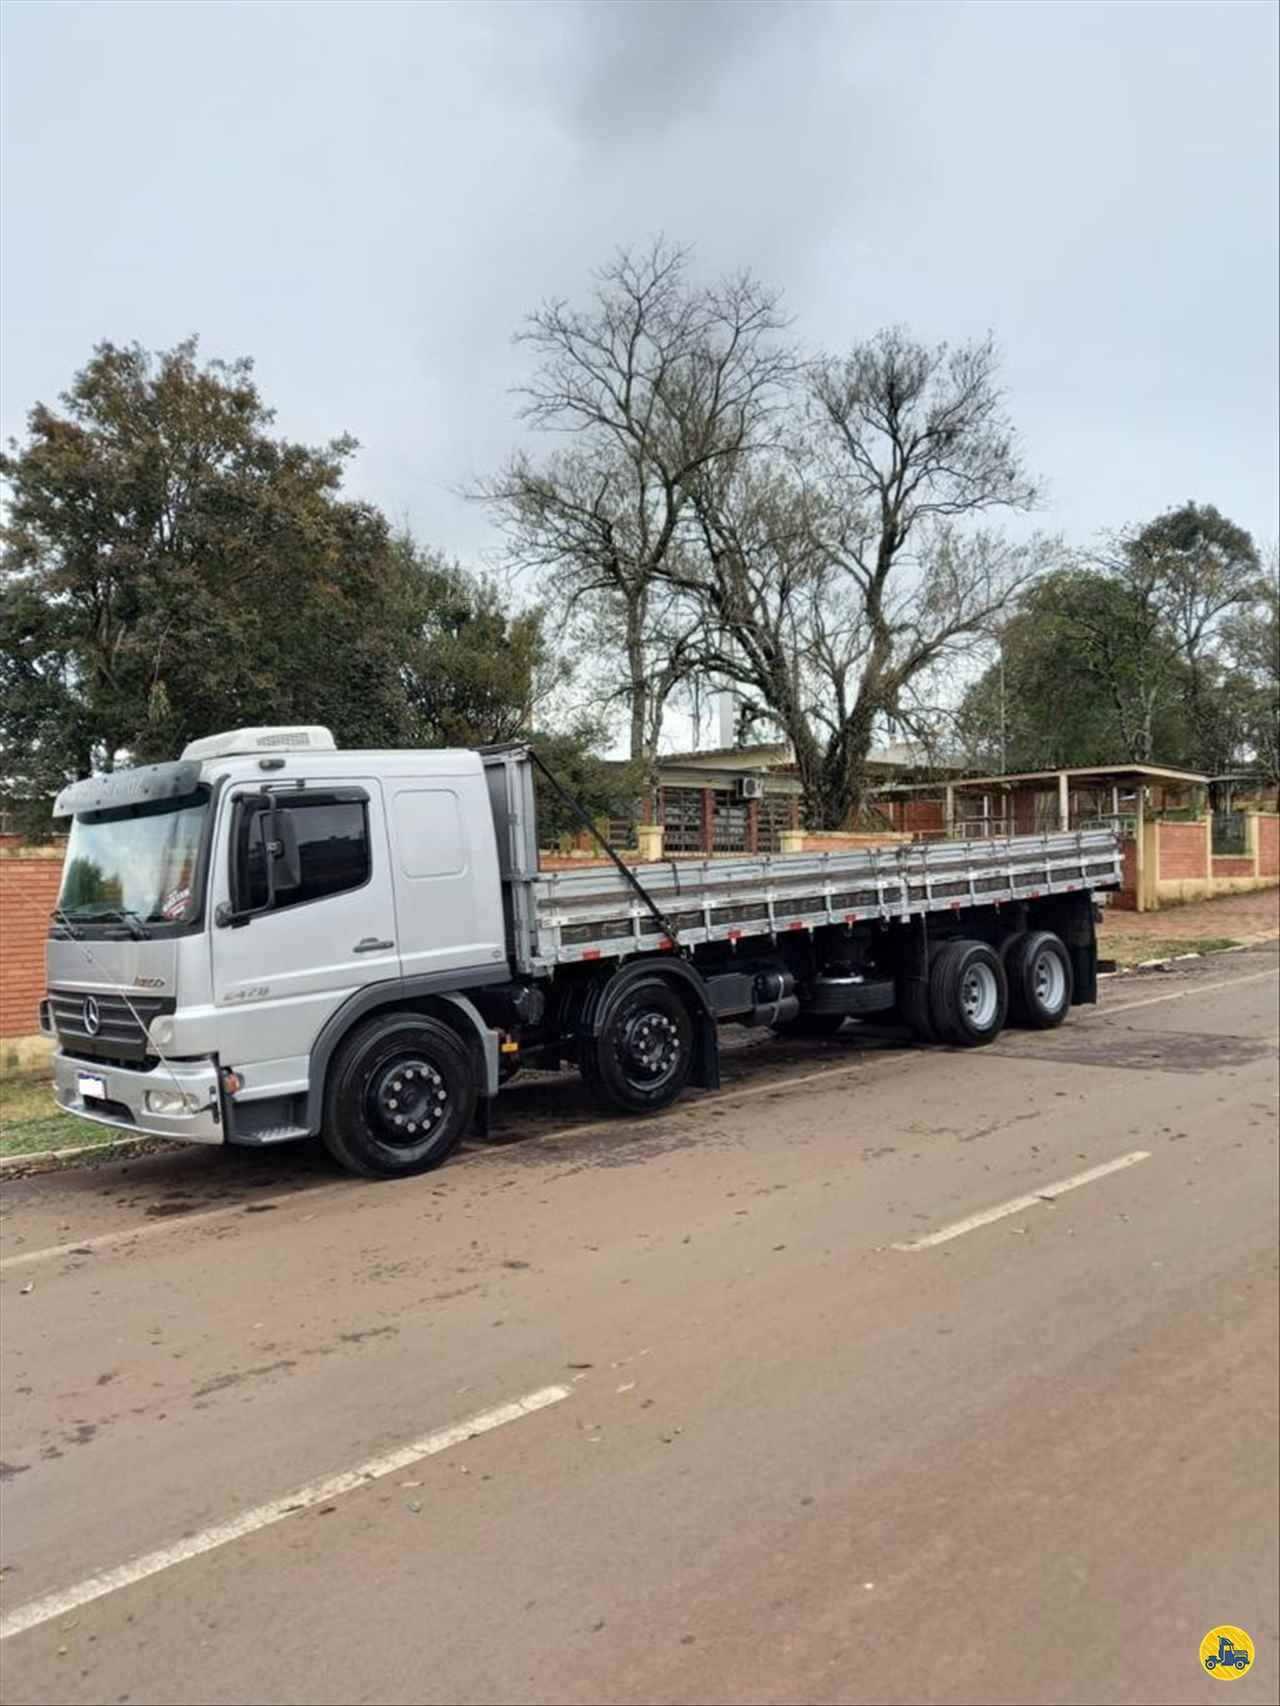 CAMINHAO MERCEDES-BENZ MB 2428 Carga Seca BiTruck 8x2 Ebenezer Caminhões e Carretas CAPAO BONITO SÃO PAULO SP